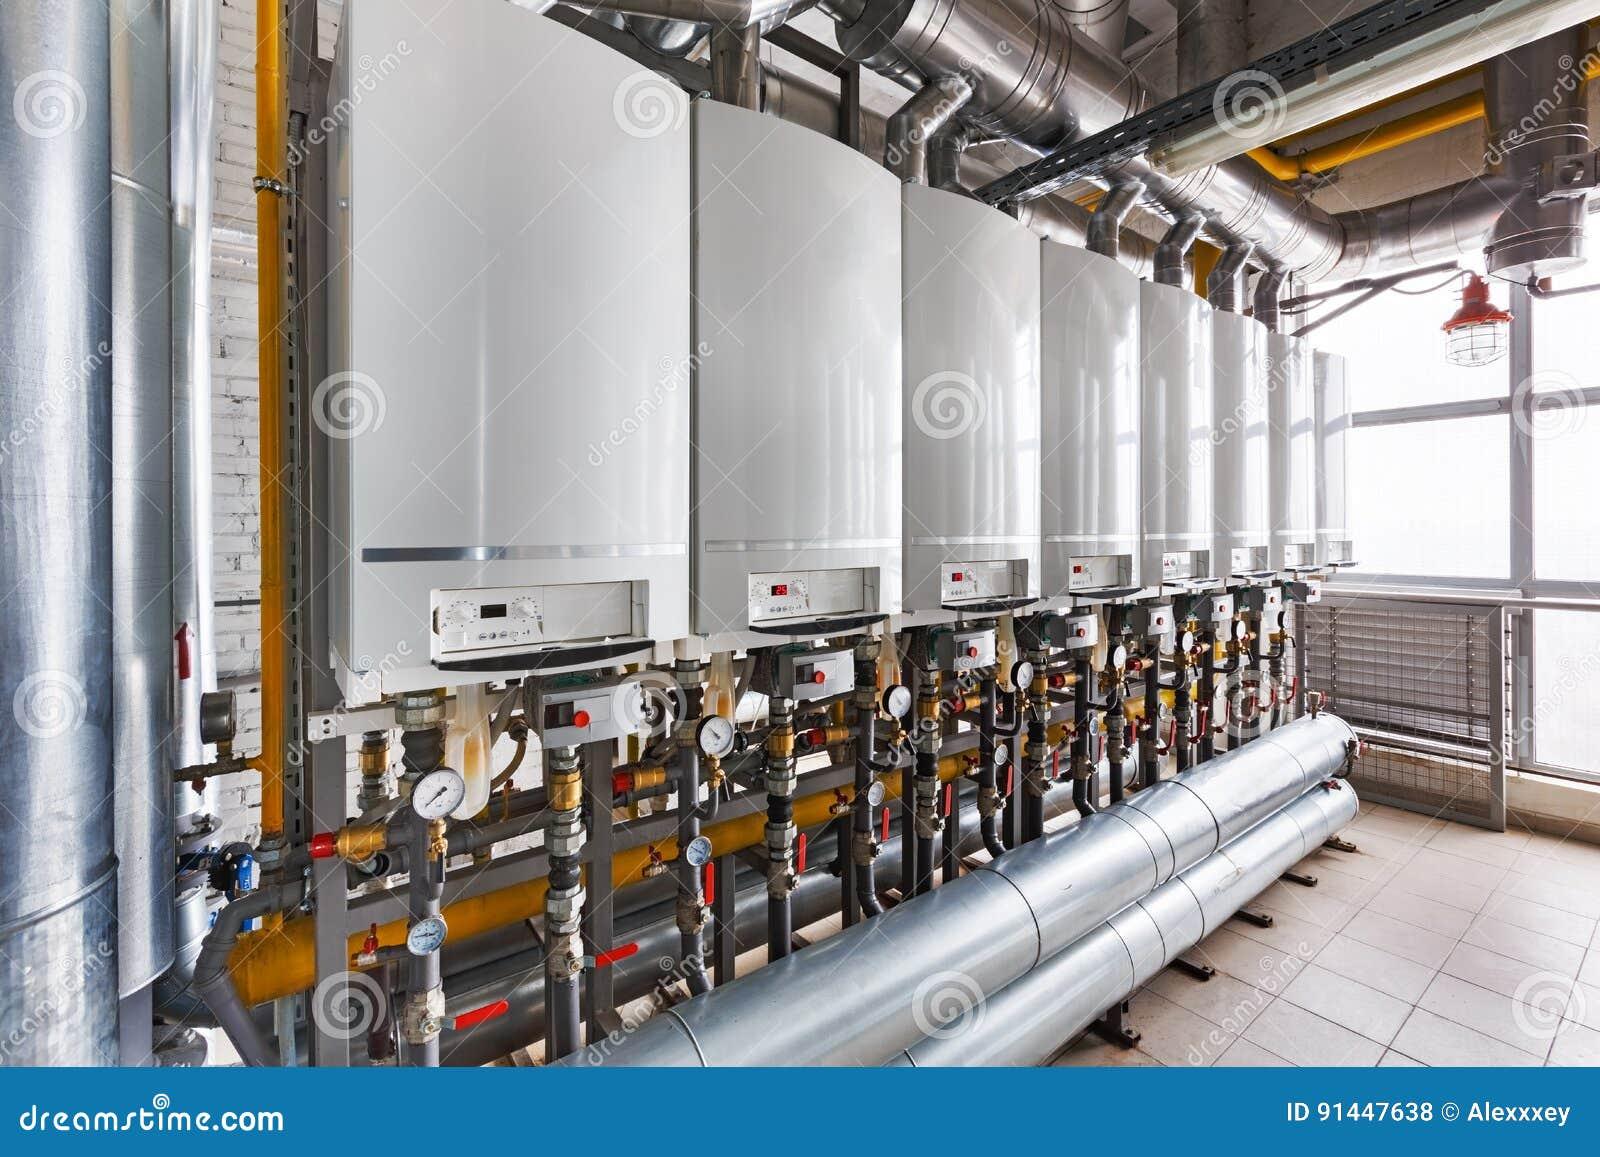 Innenraum von industriellem, GasKesselhaus mit vielen Kesseln a